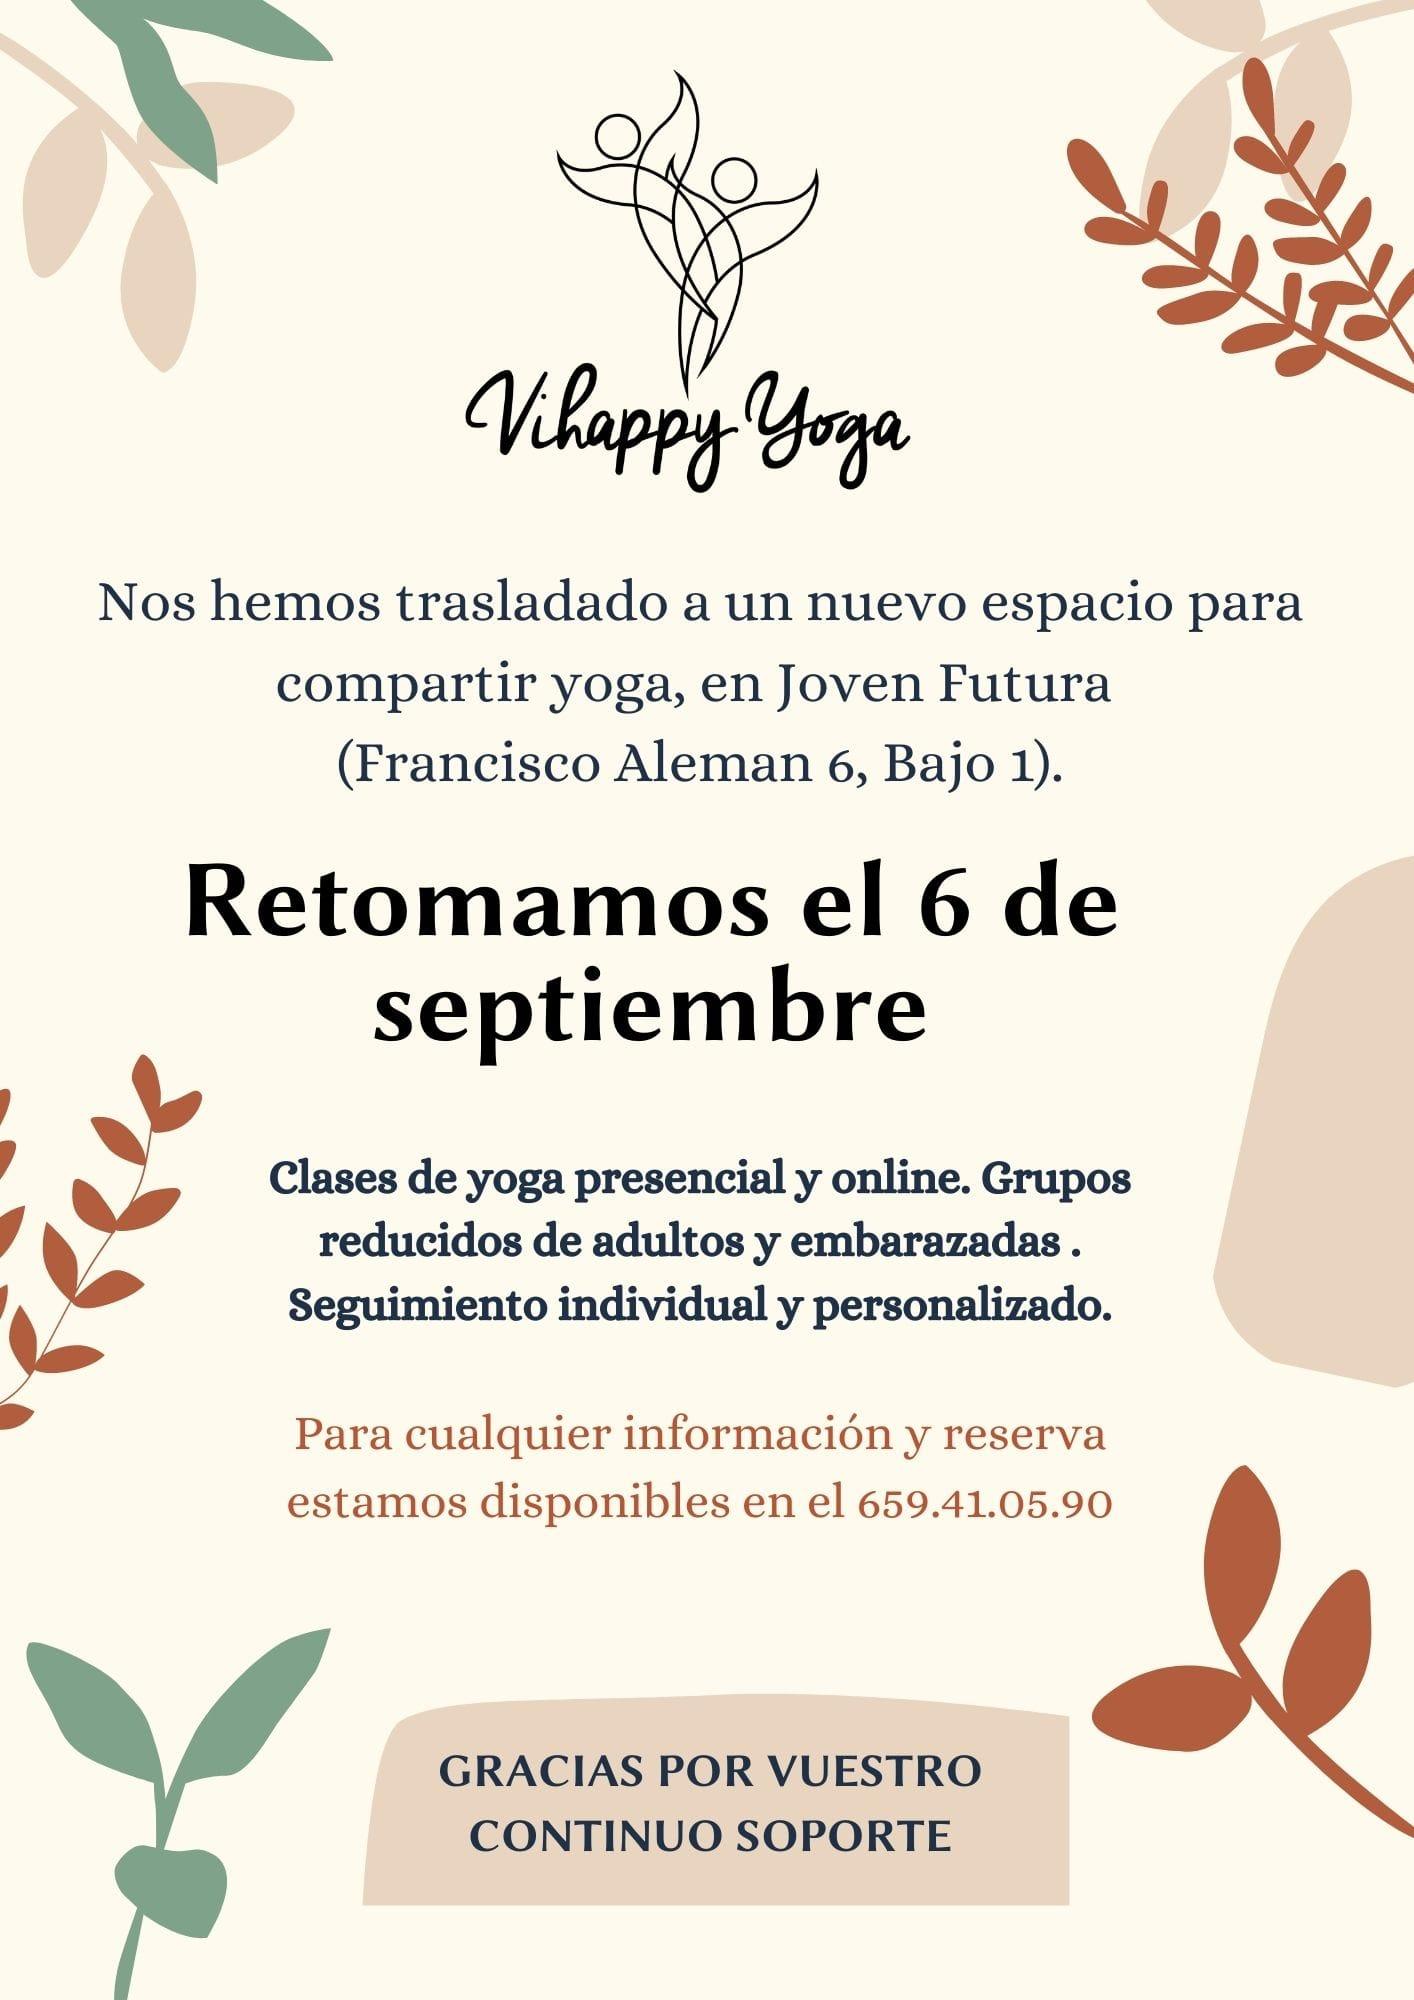 2021-09-04 Vihappy Yoga nuevo negocio en Joven Futura